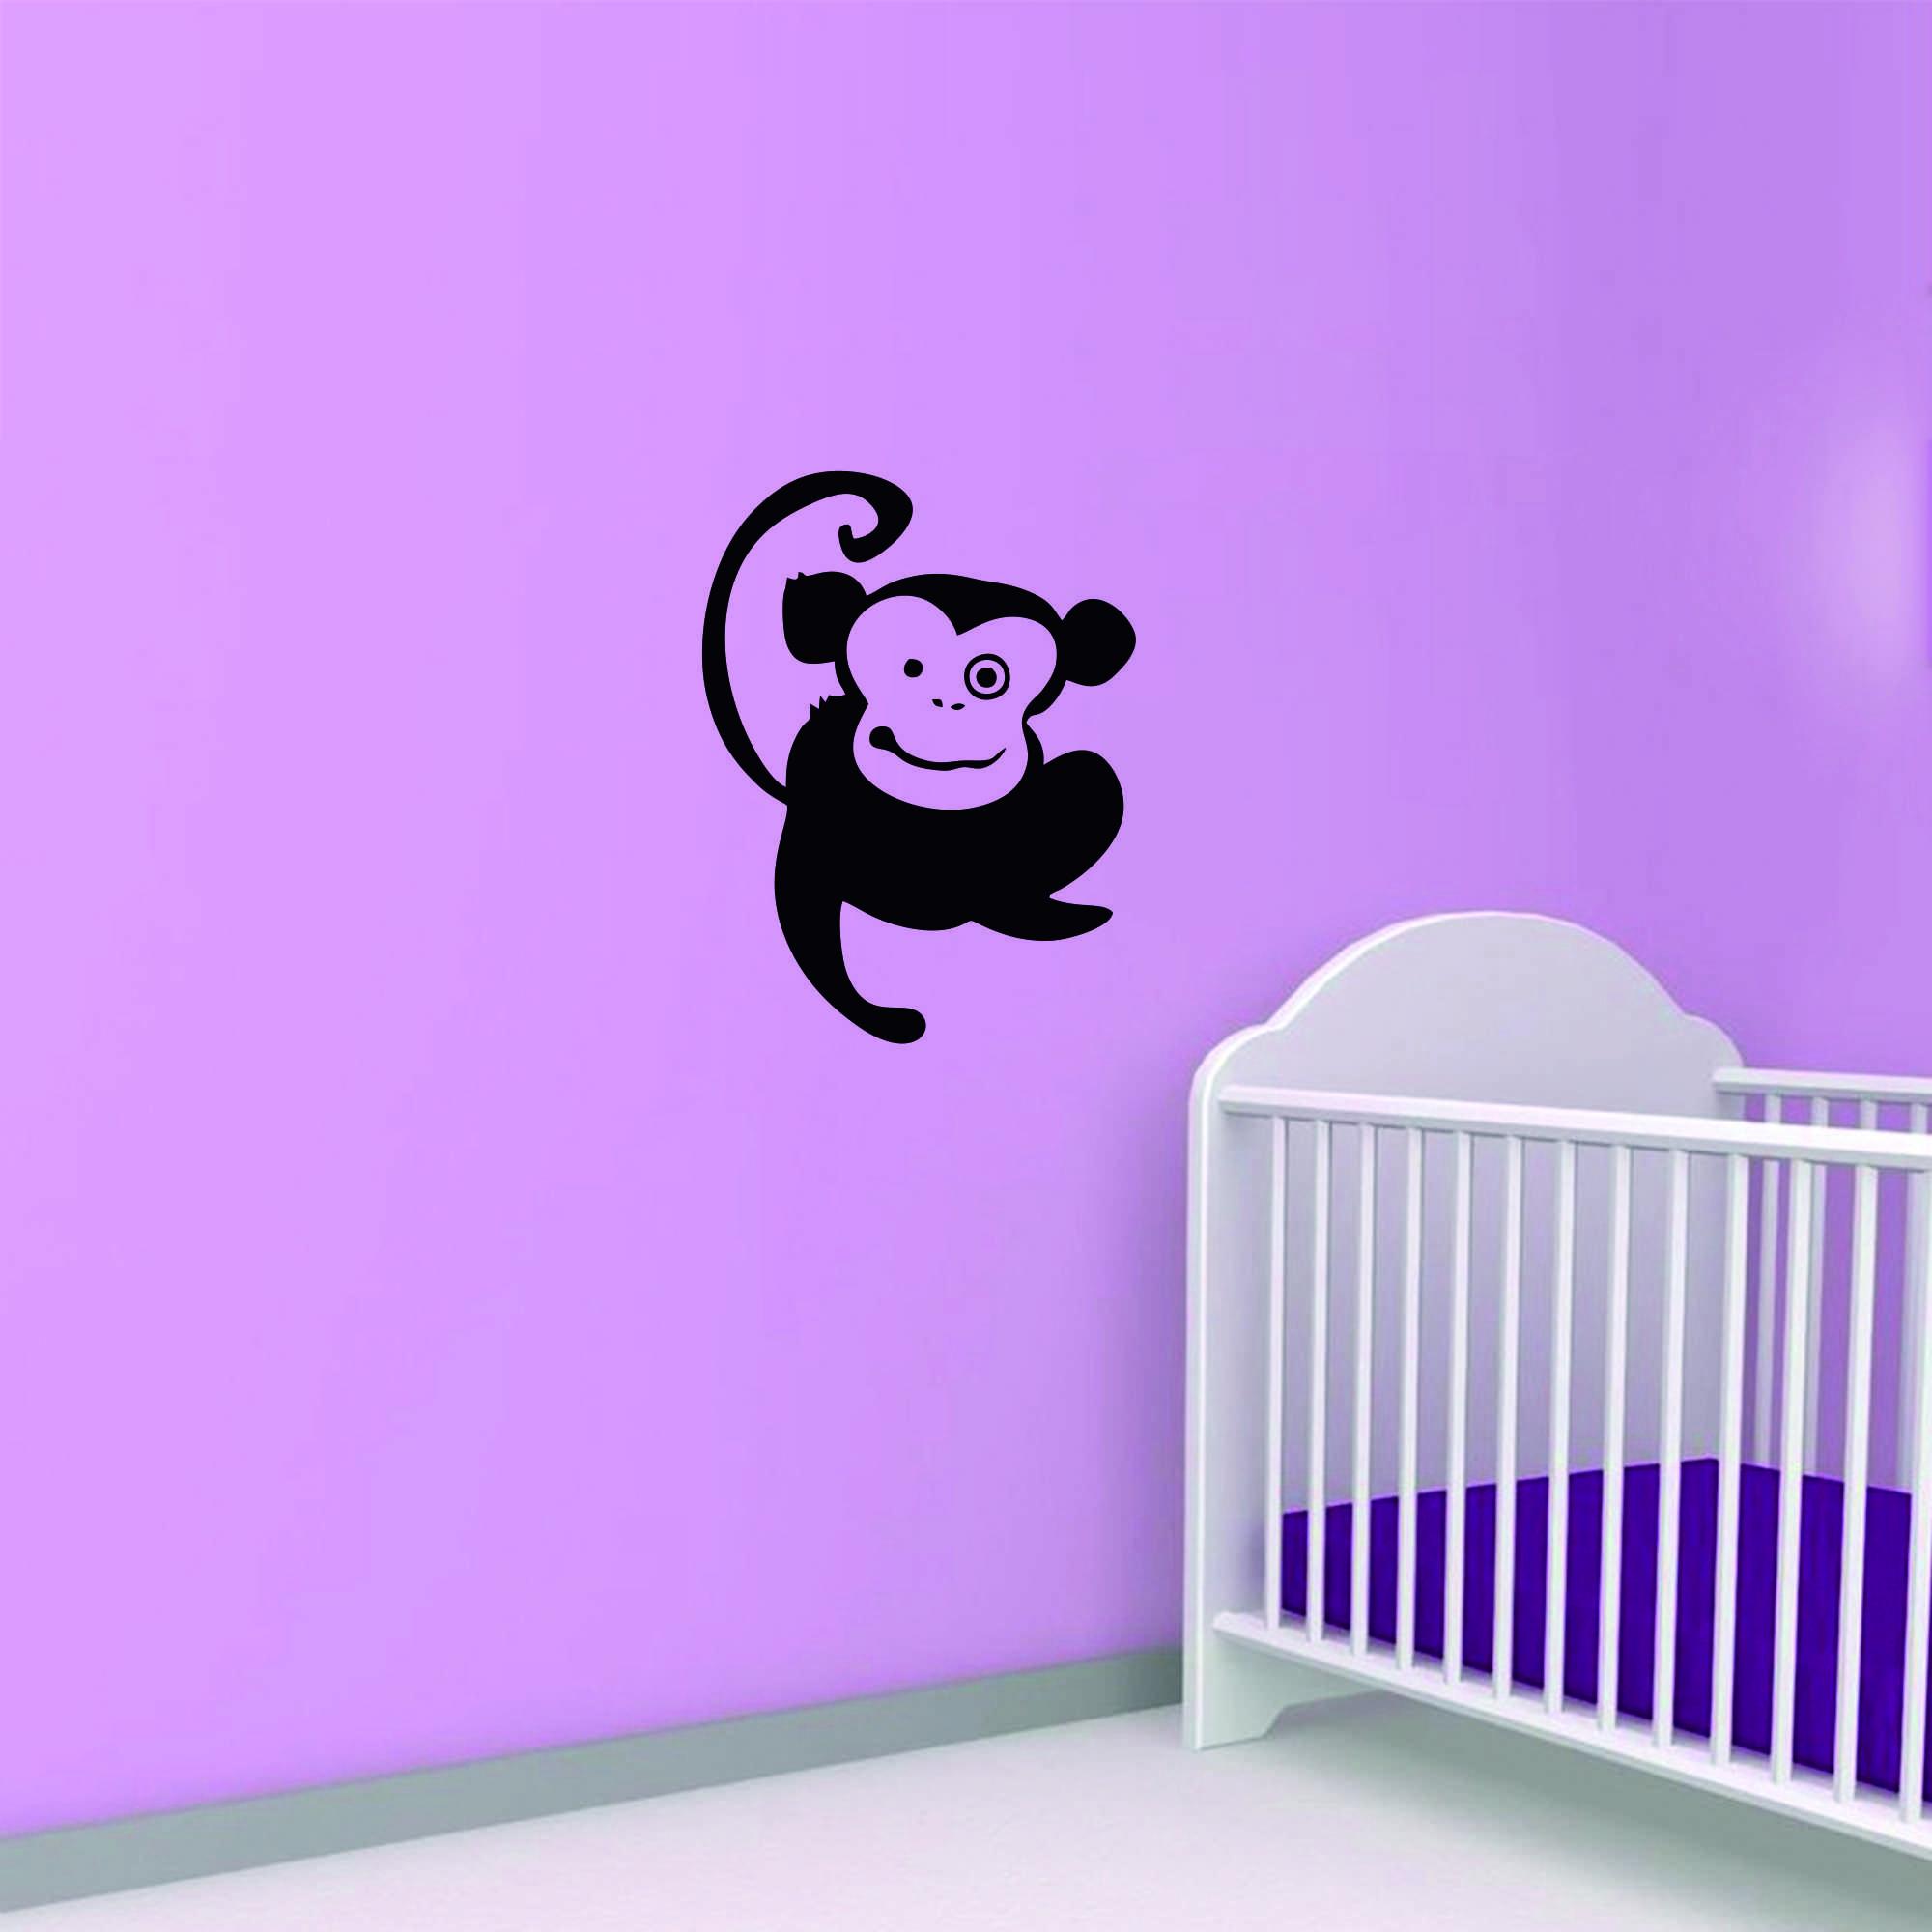 Samolepka na zeď - Opička - 30x40 cm - PopyDesign